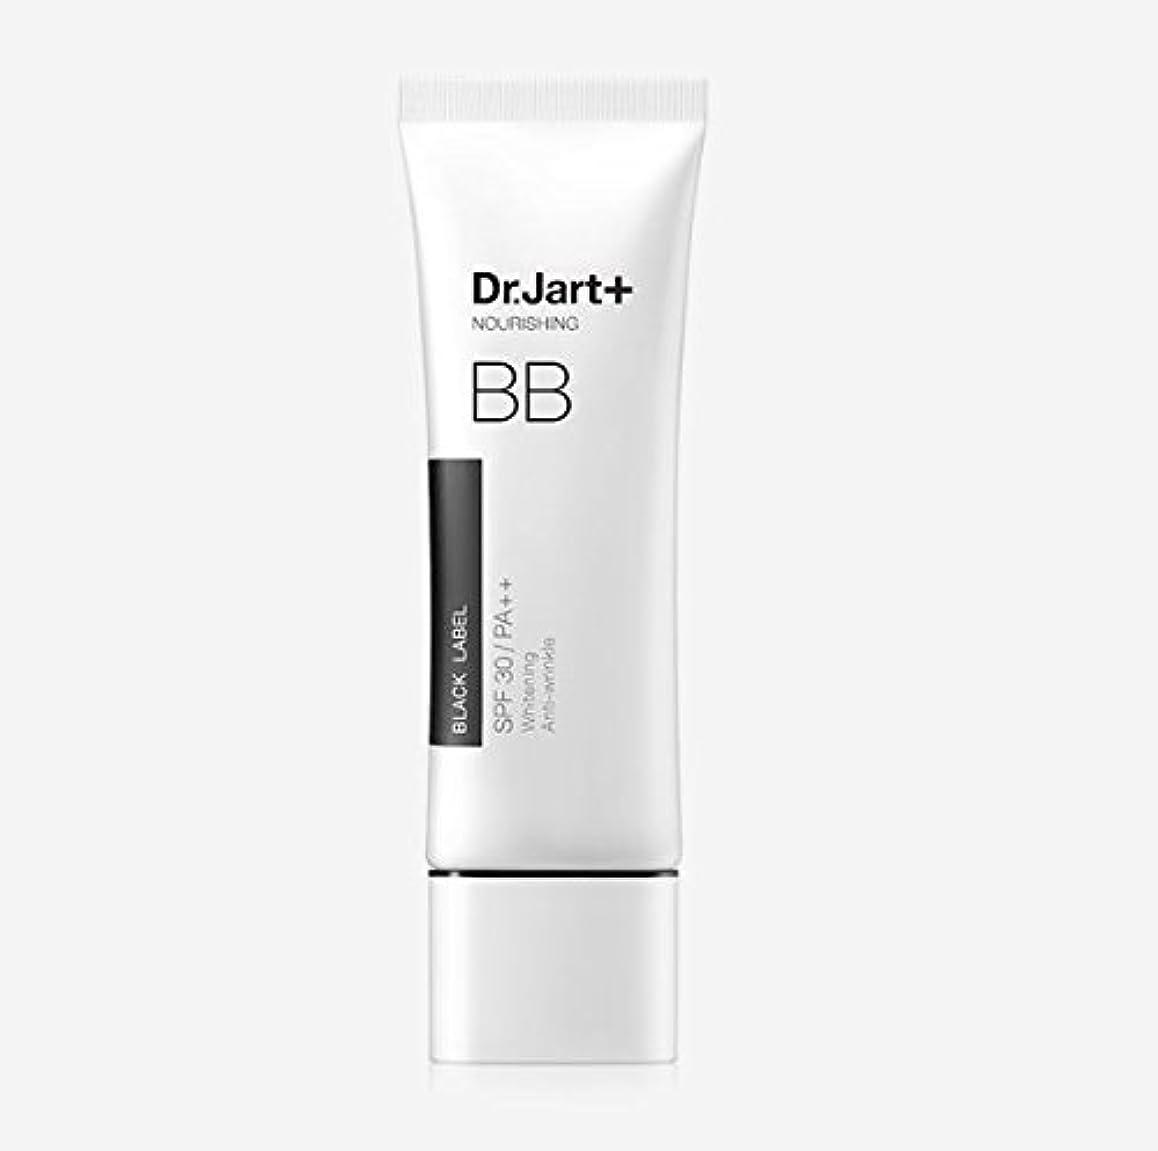 スペア石油パイロット[Dr. Jart] Black Label BB Nourishing Beauty Balm 50ml SPF30 PA++/[ドクタージャルト] ブラックラベル BB ナリーシン ビューティー バーム 50ml SPF30...